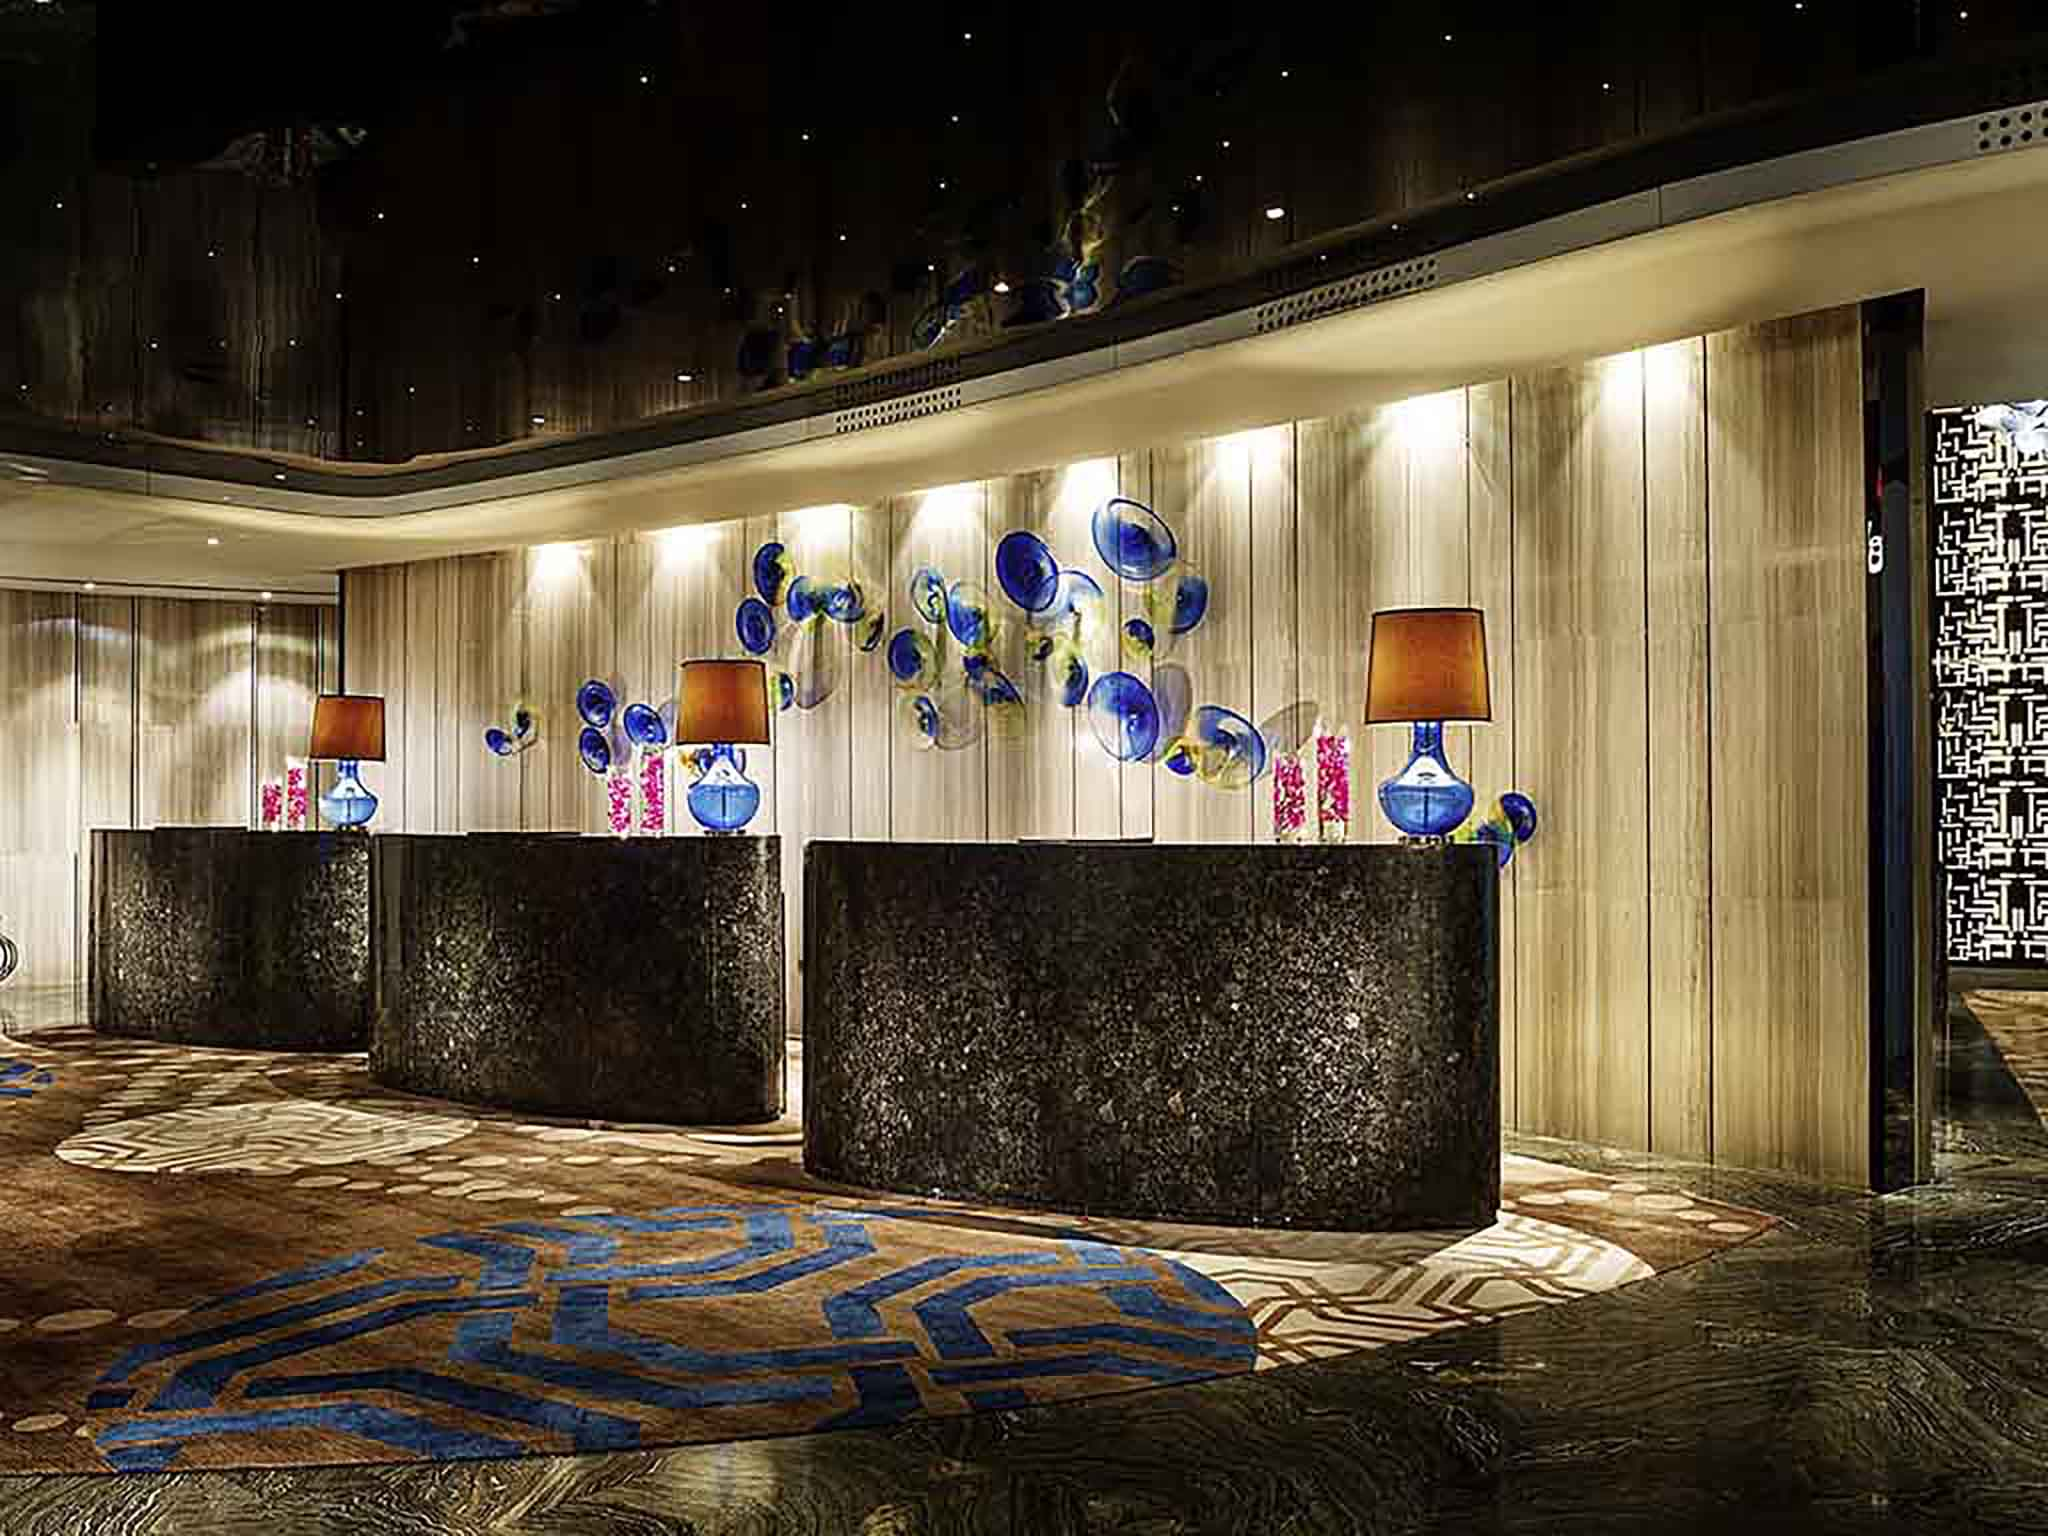 โรงแรม – Sofitel Nanjing Galaxy Suning